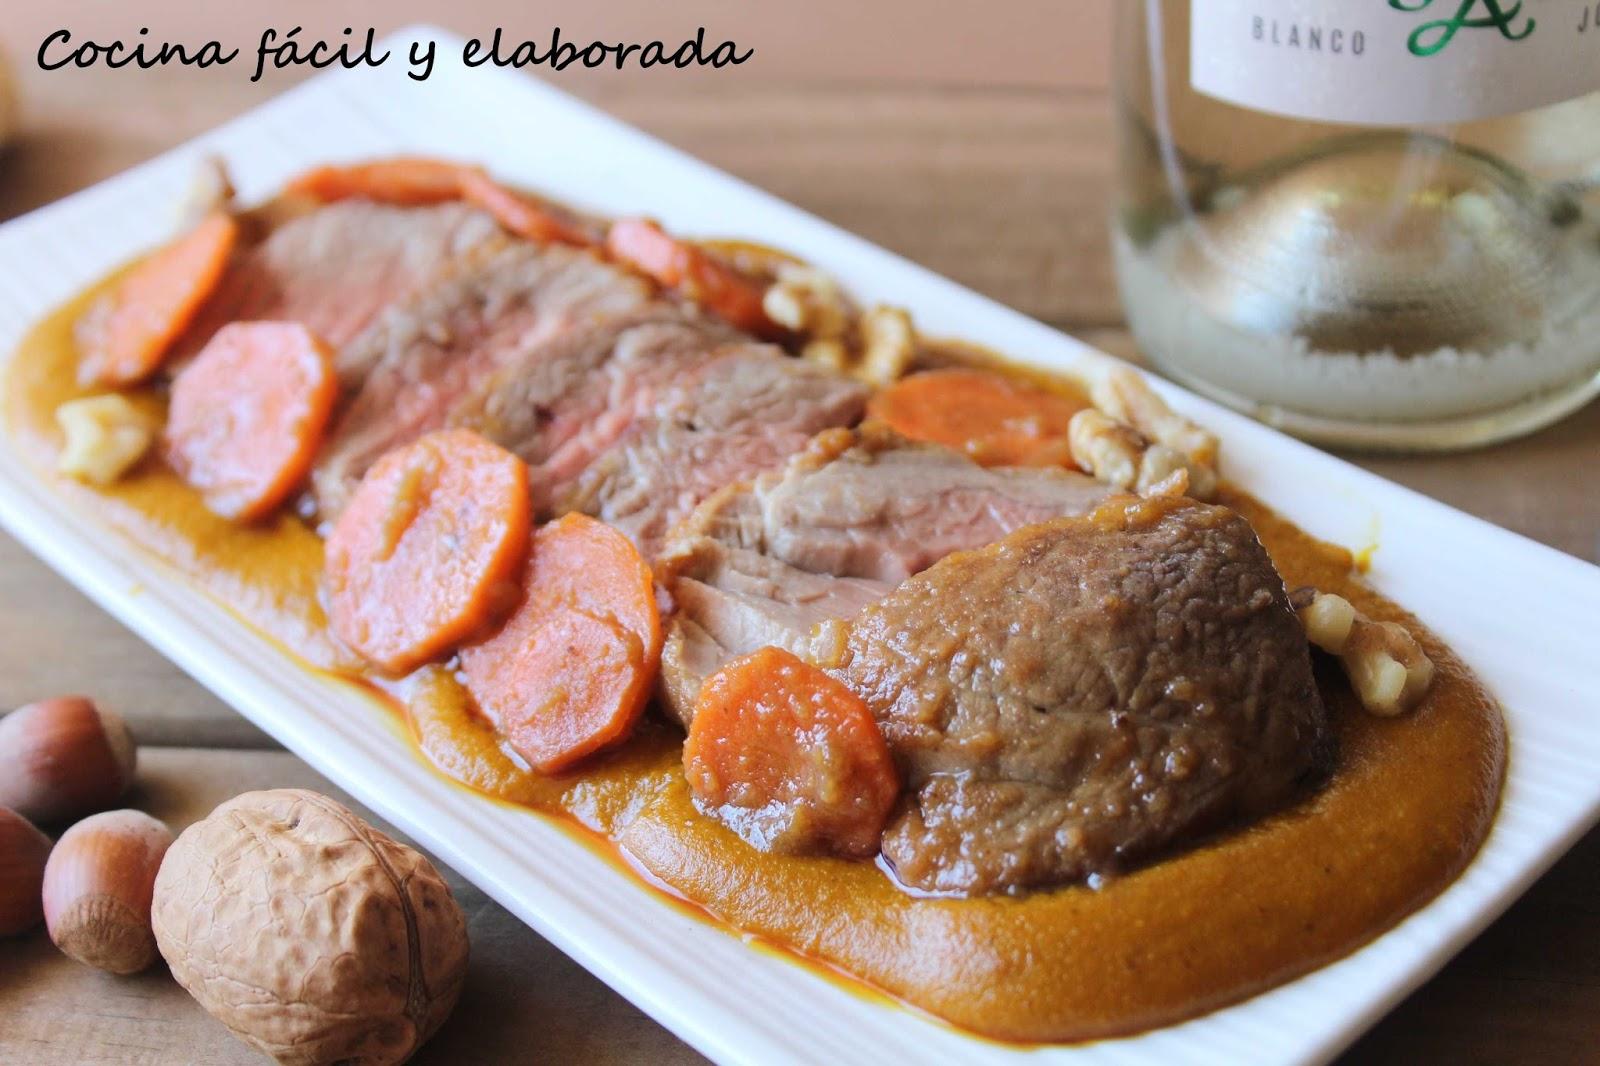 cocina facil y elaborada solomillo iberico con salsa de